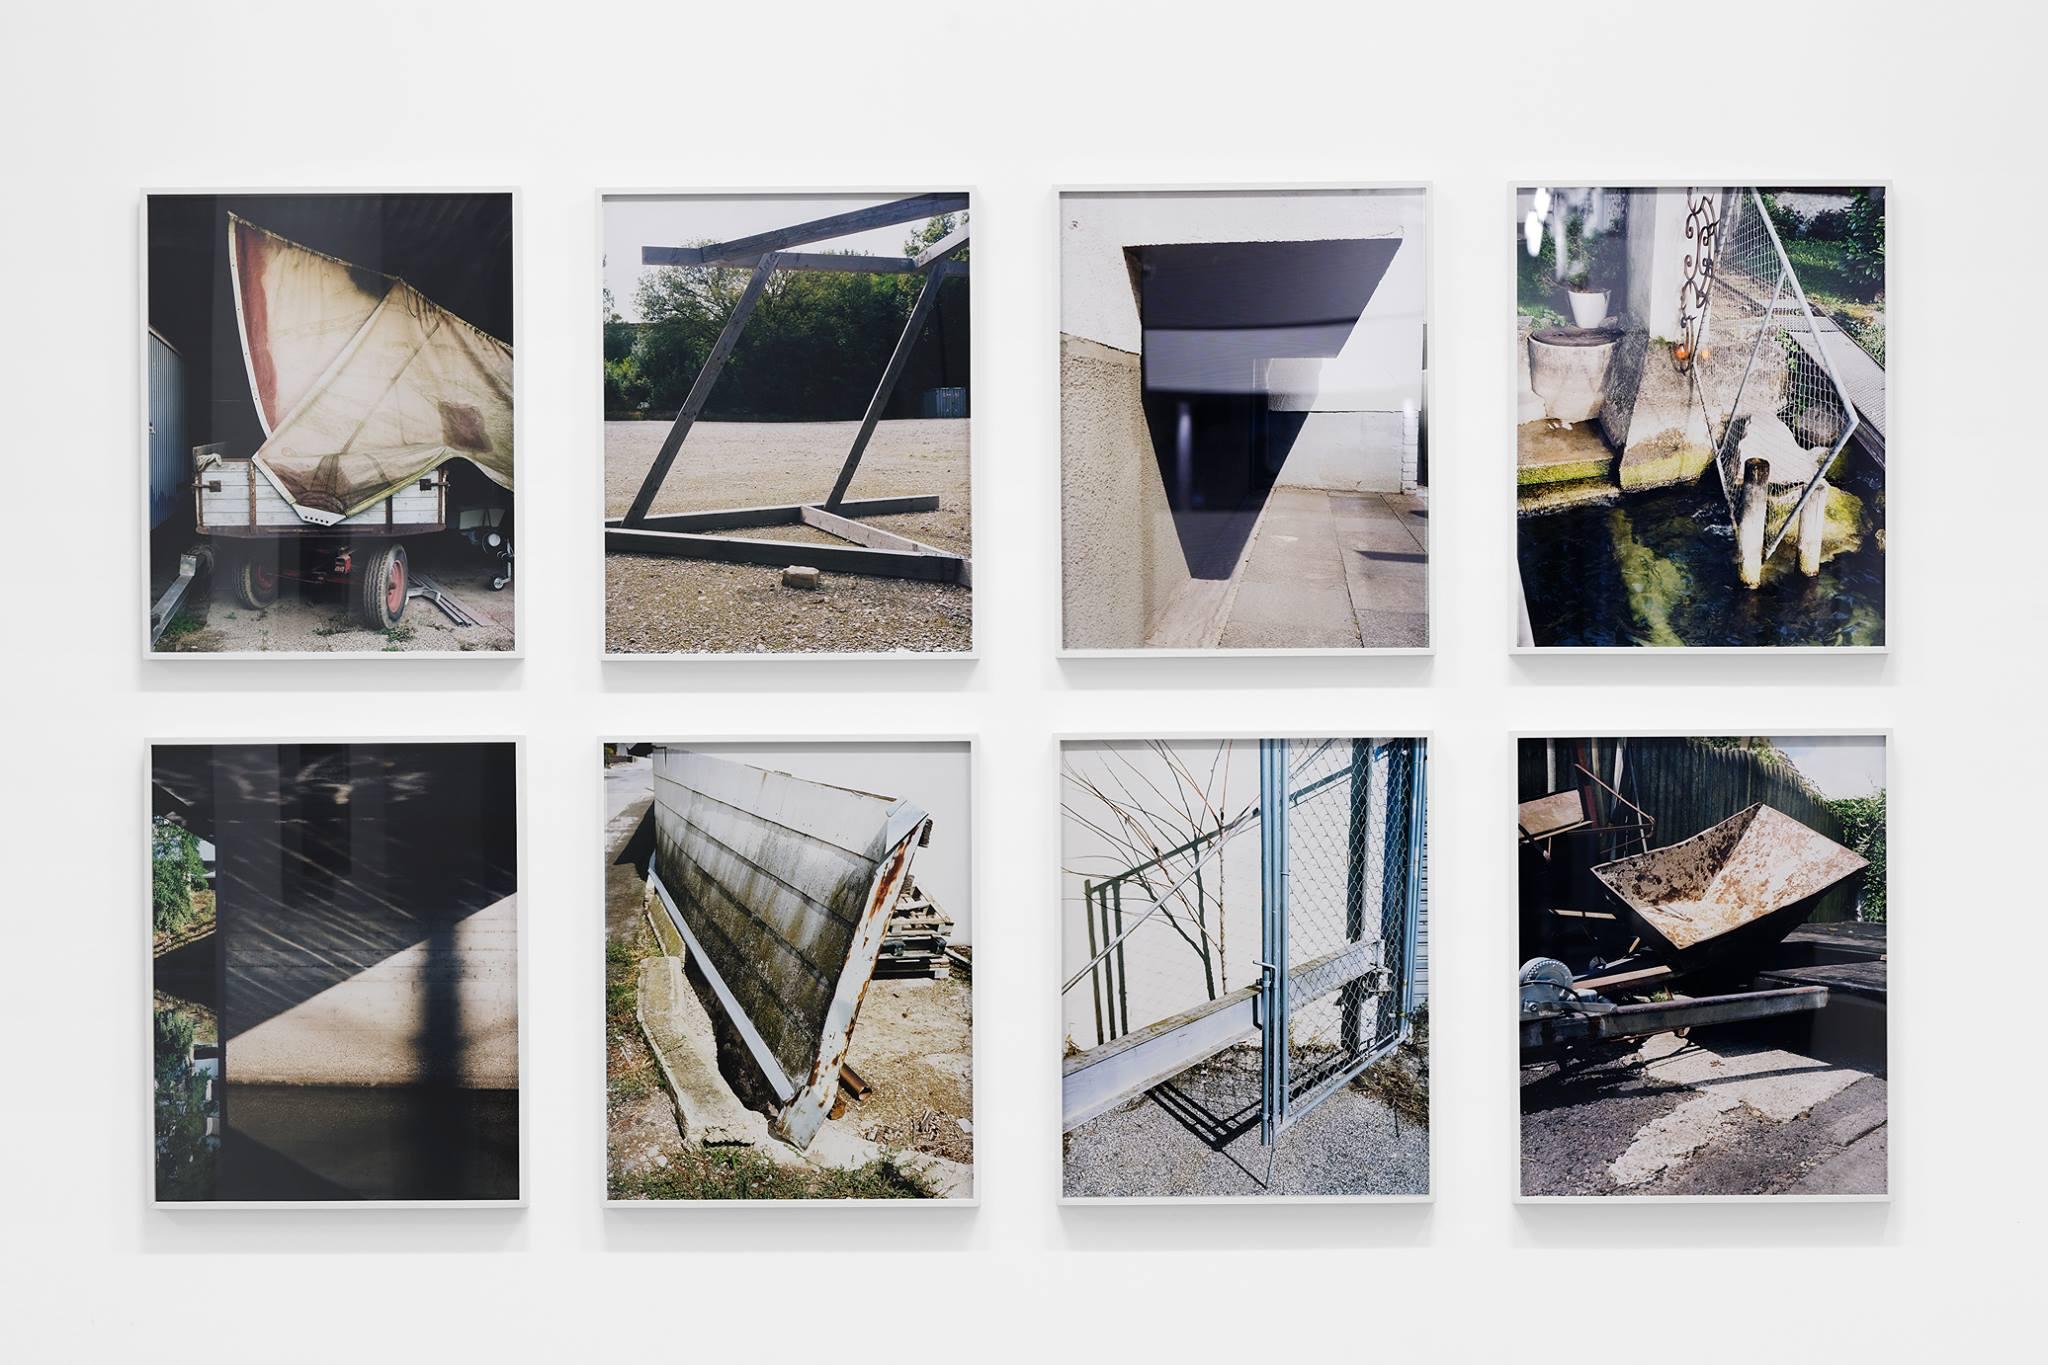 """Lukas Hoffmann, série (K) Vue de l'exposition """"Staring at the scenery""""- tirages argentiques couleur, 49,5 x 39,5 cm chaque. Série réalisée entre 2013 et 2016 édition de 5 + 2 EA"""